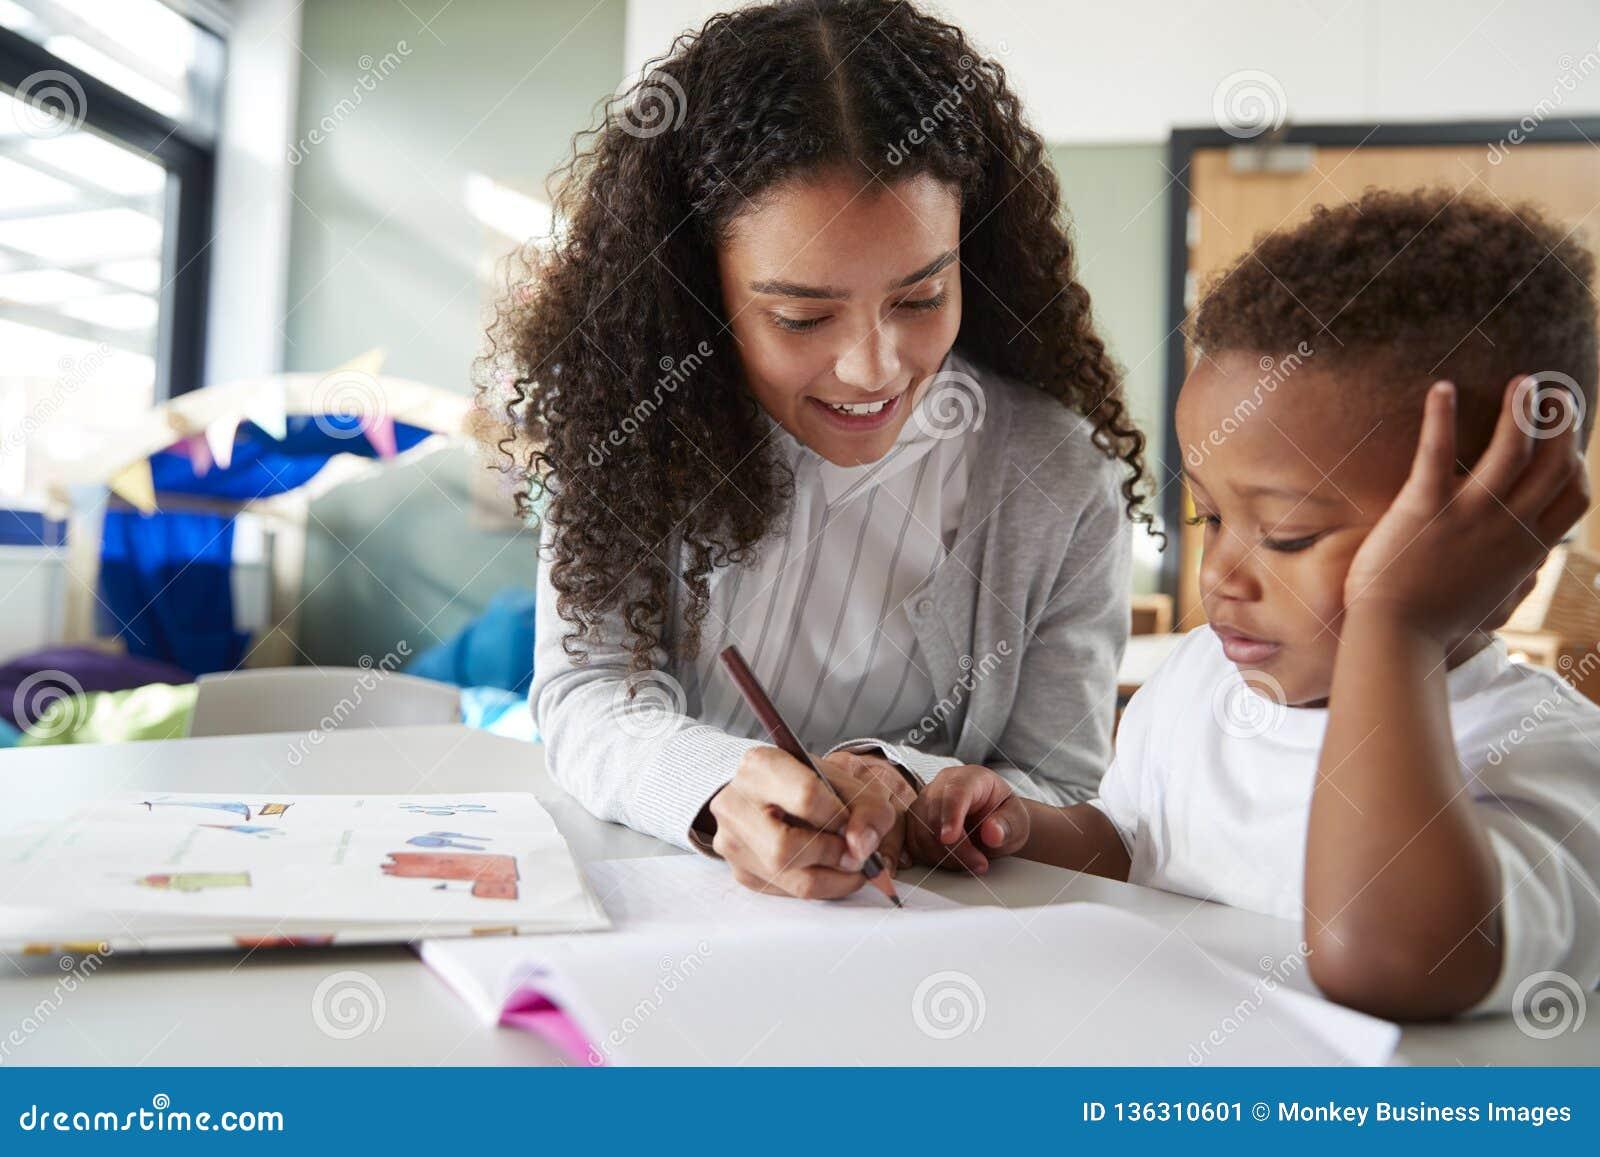 Weiblicher Säuglingsschullehrer, der ein auf einem mit einem jungen Schüler, sitzend an einem Tisch schreibend mit ihm, nah oben